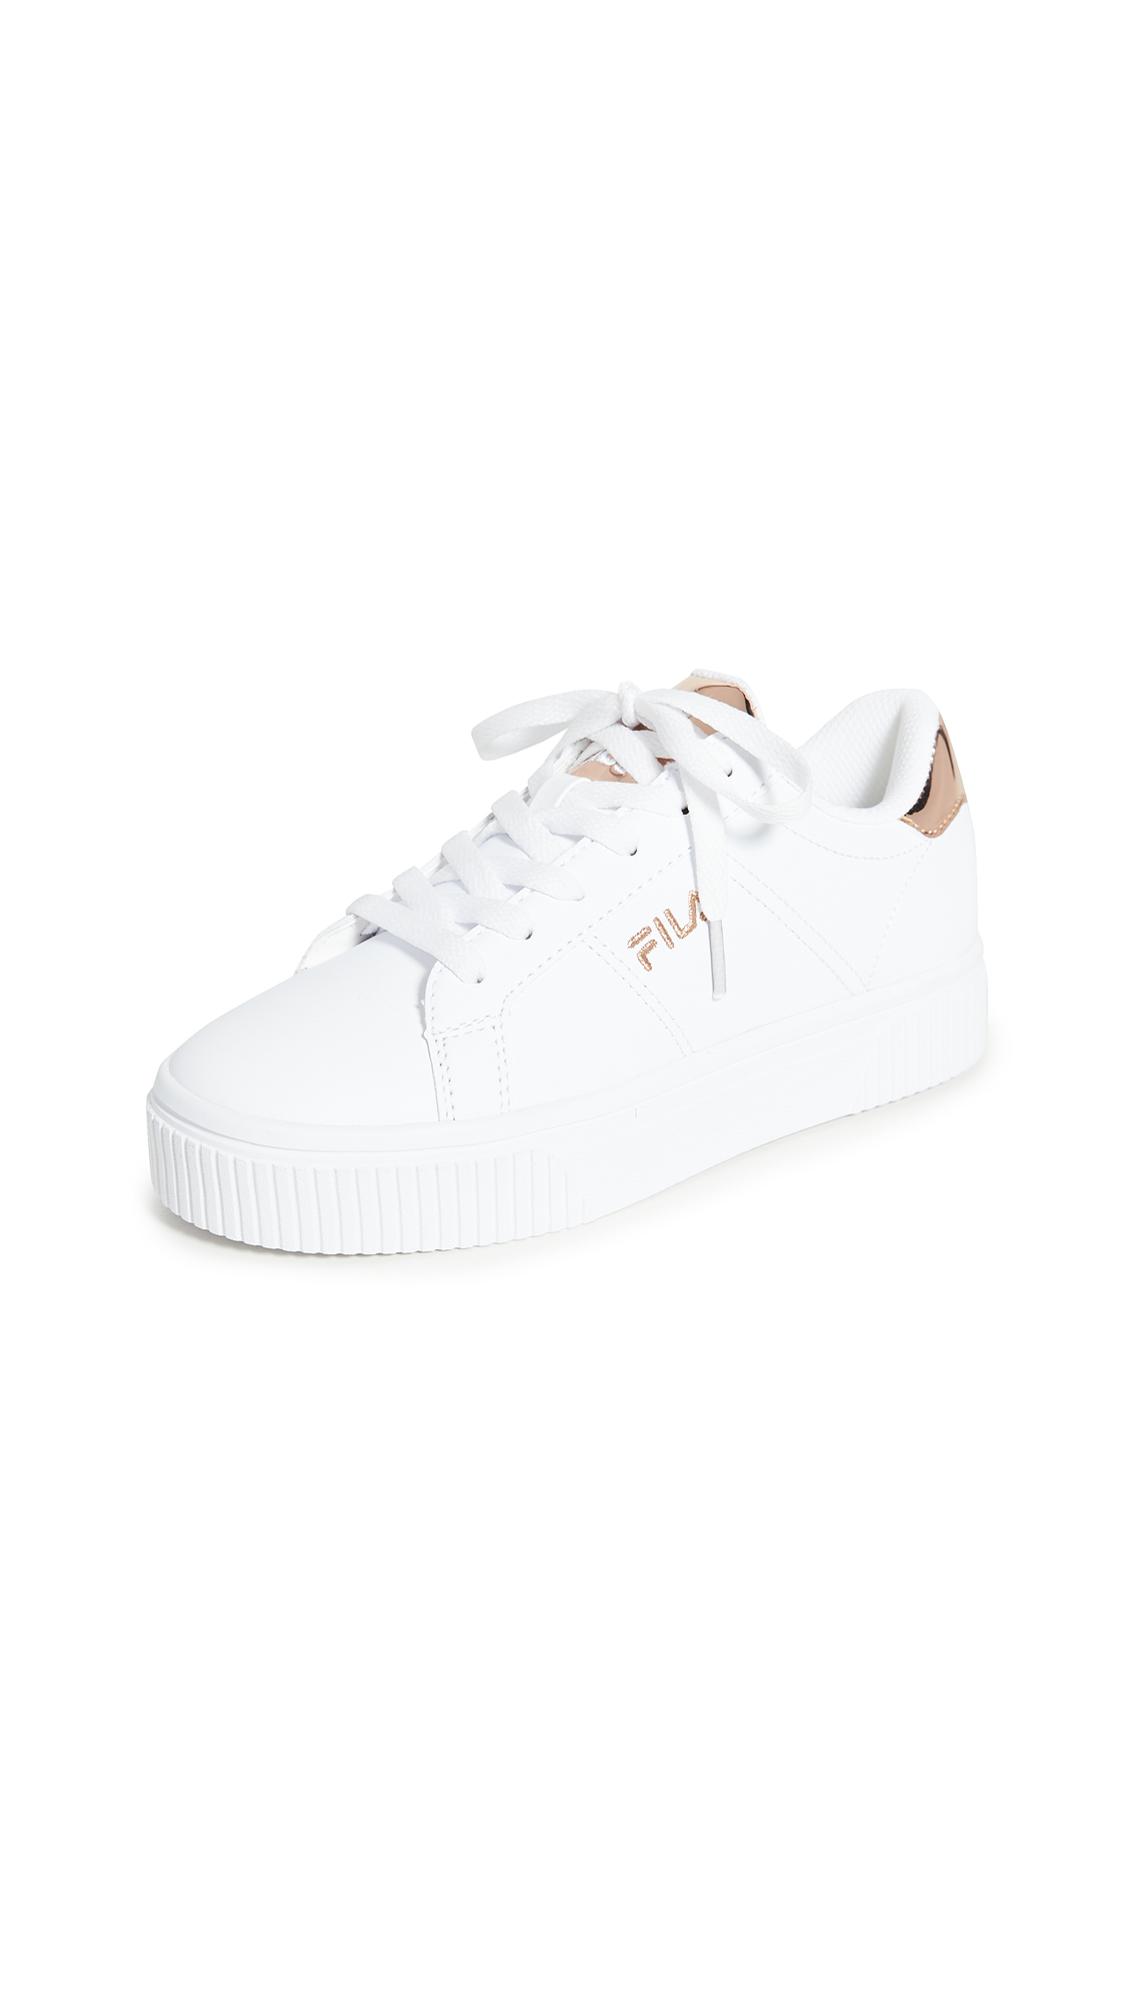 Buy Fila Panache 19 Sneakers online, shop Fila